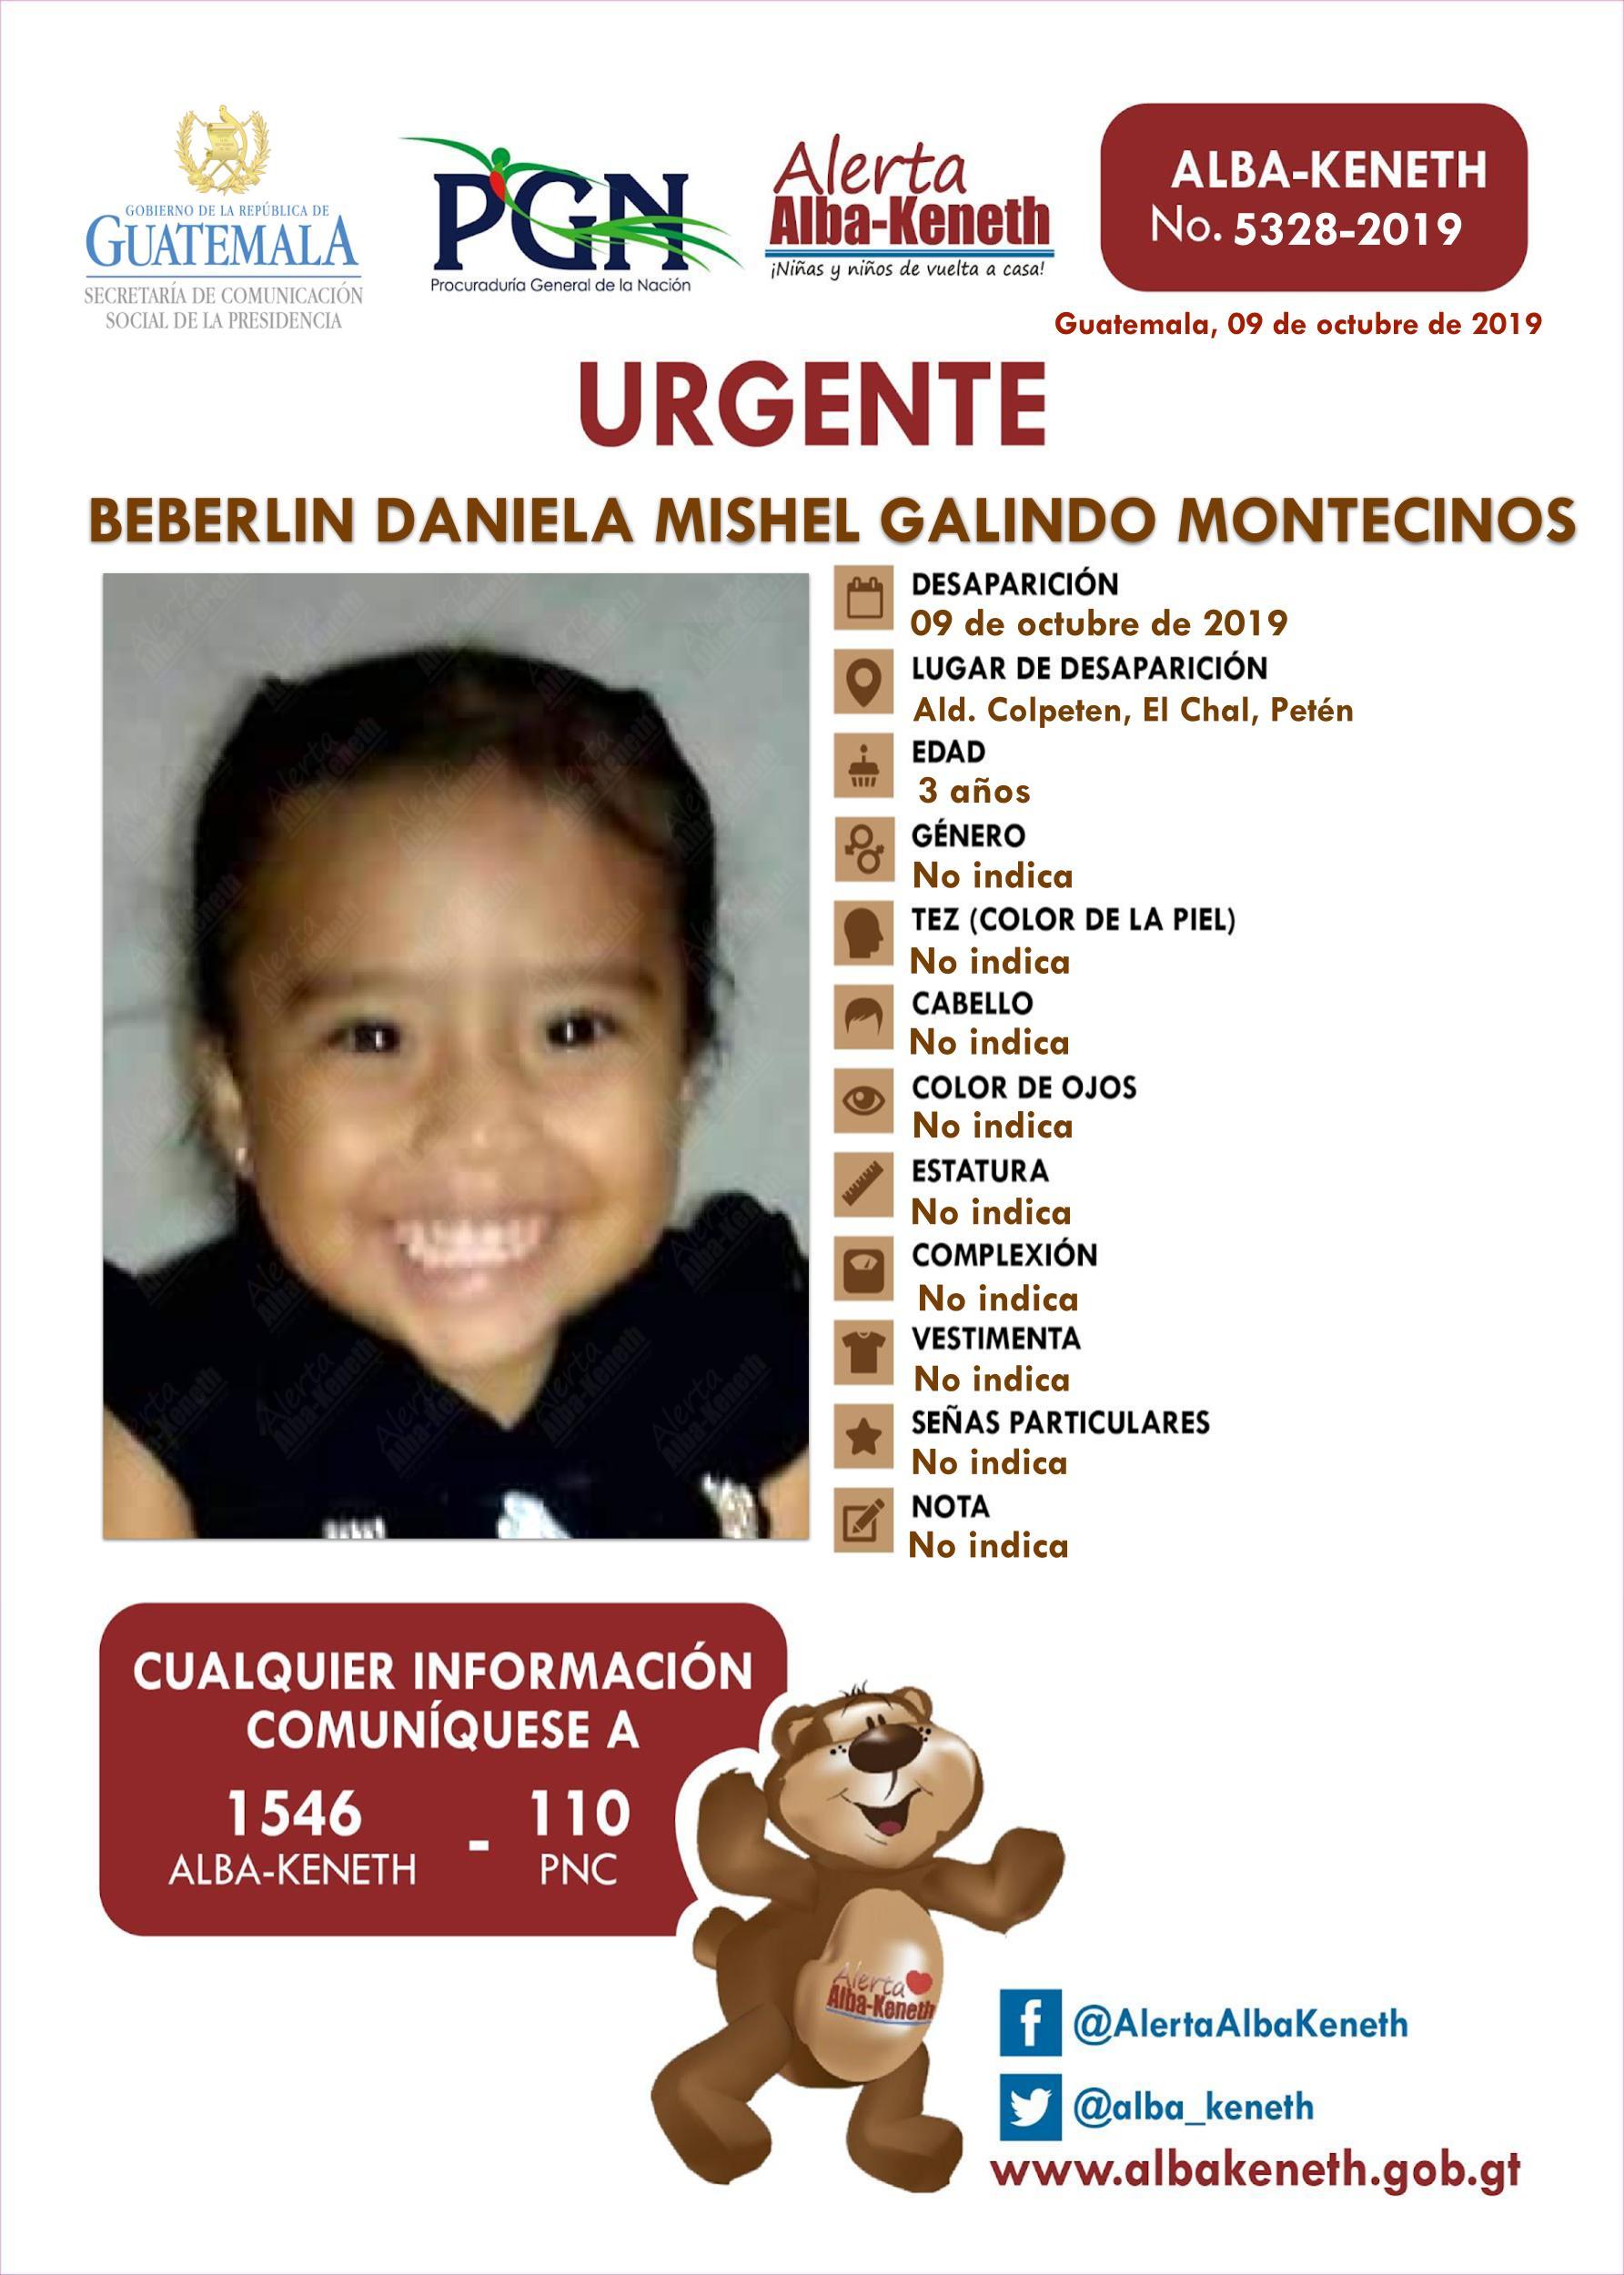 Beberlin Daniela Mishel Galindo Montecinos